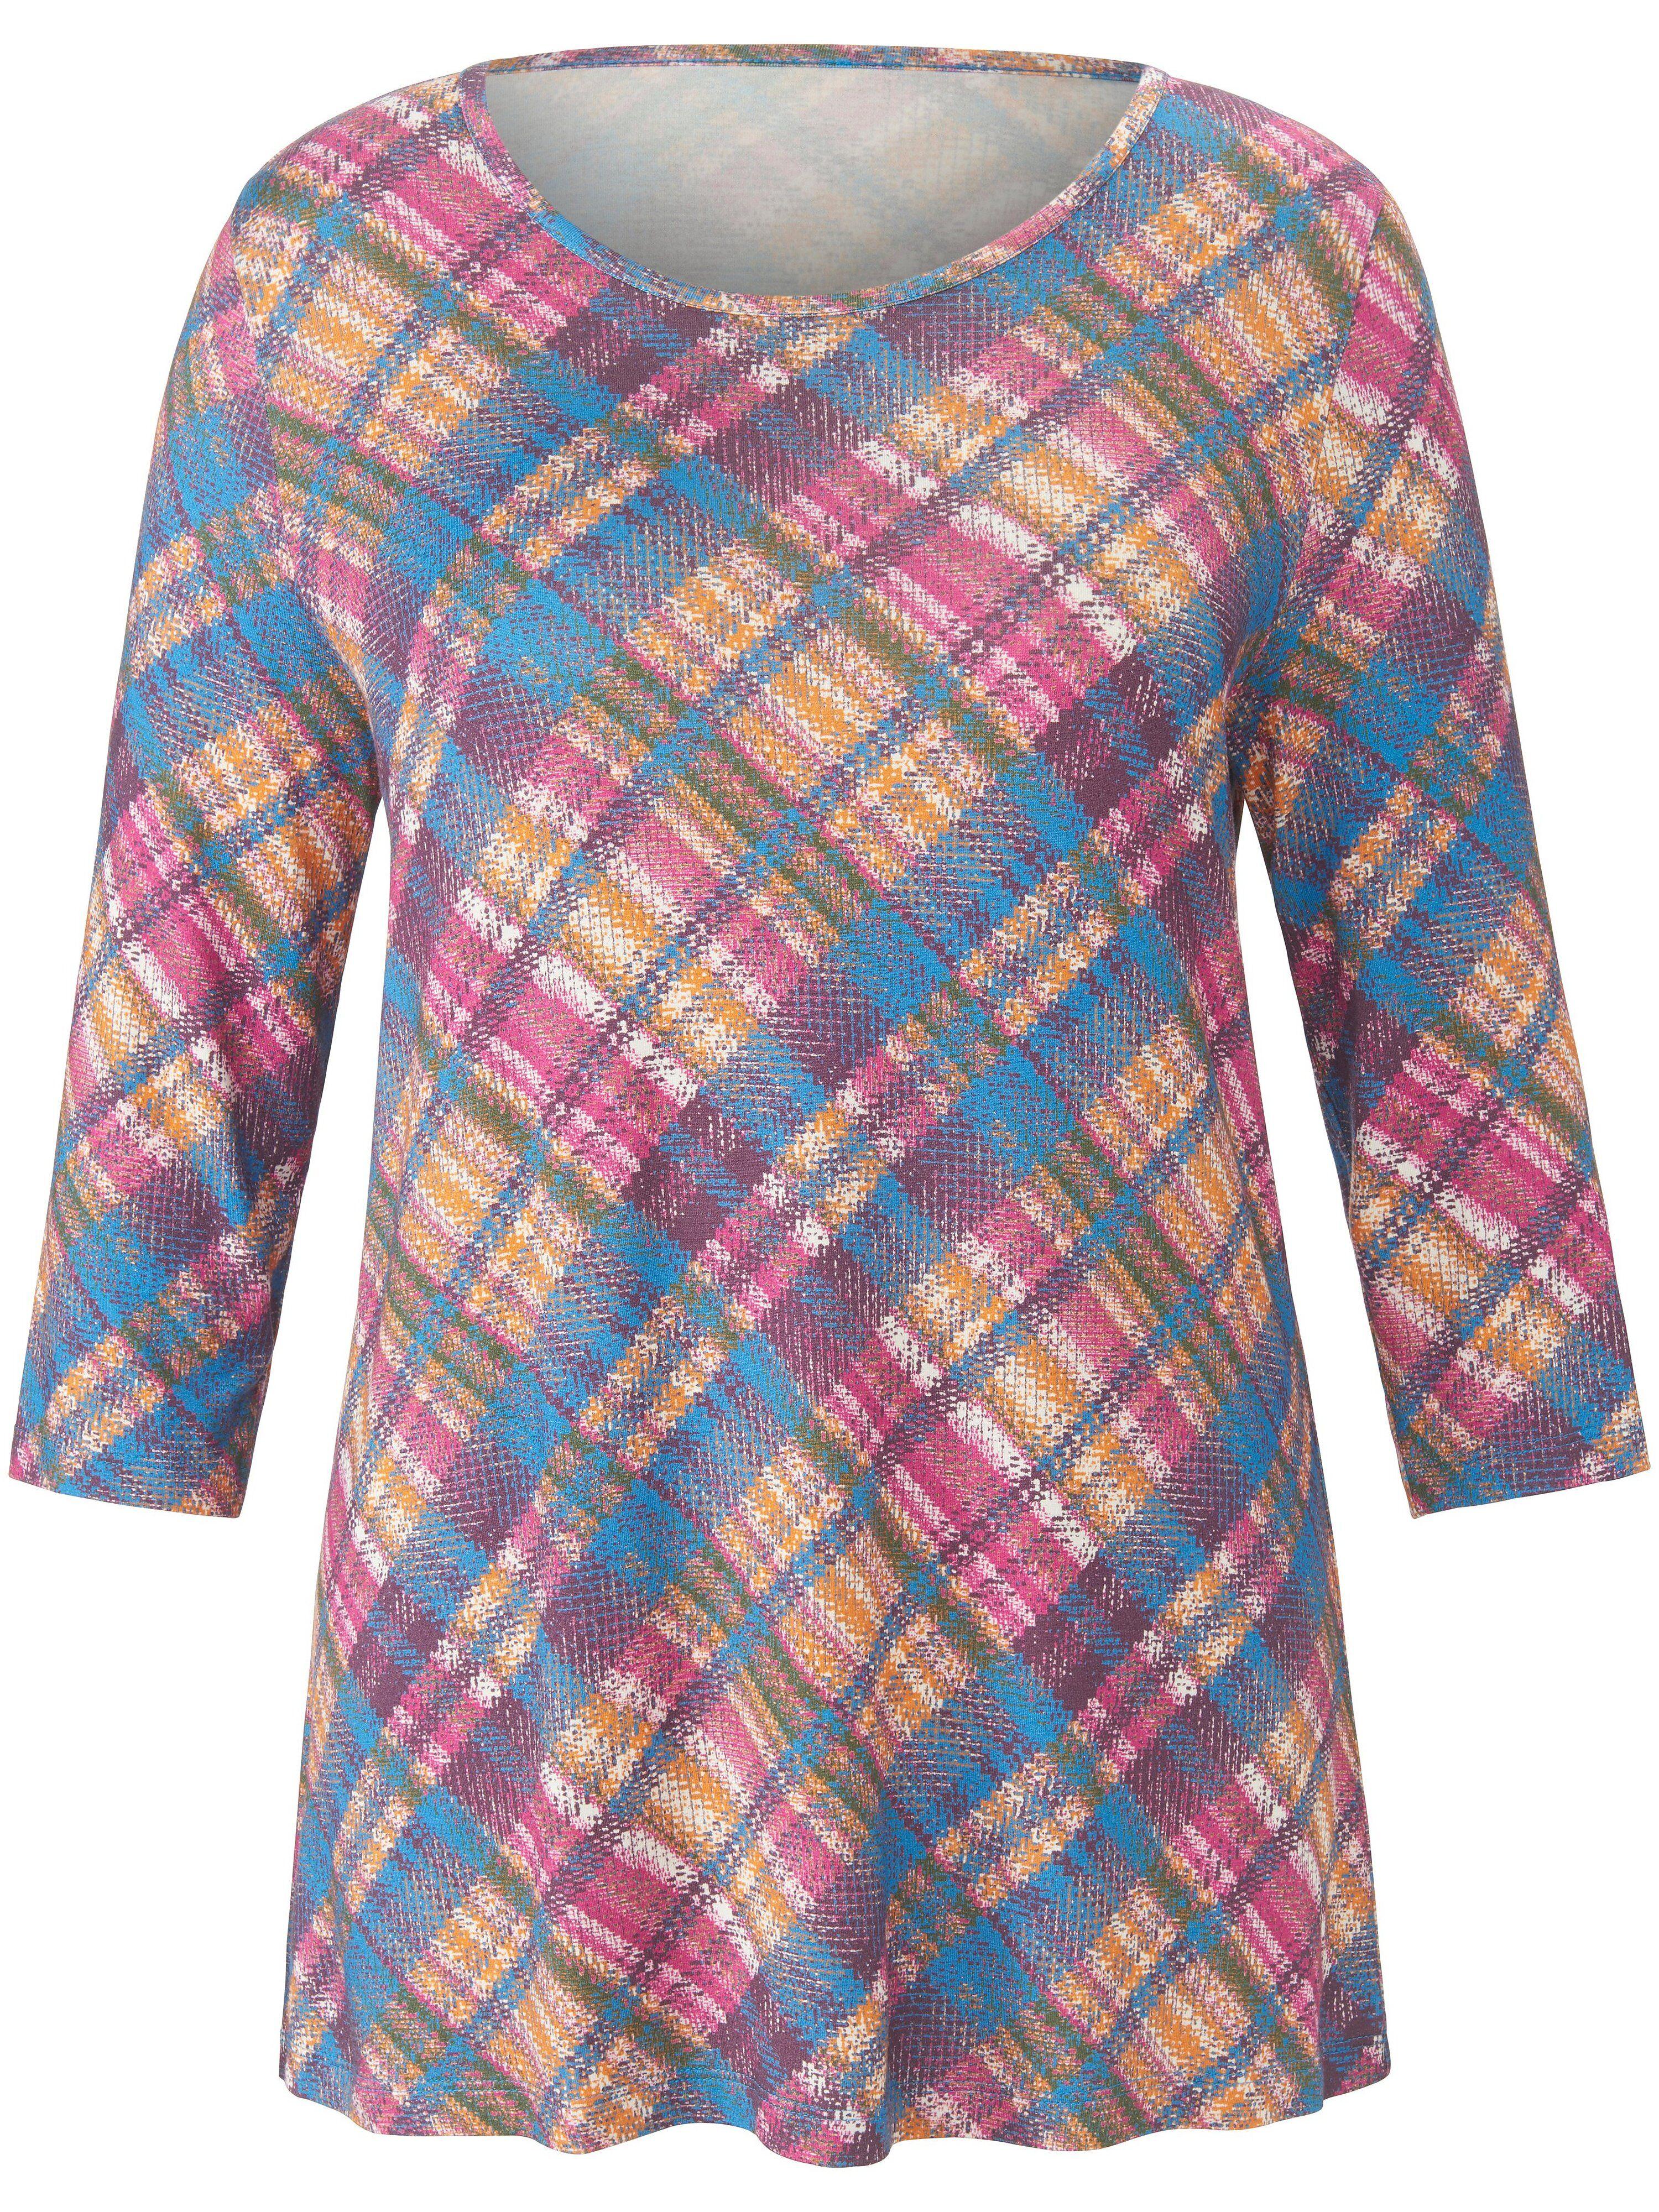 Anna Aura Le T-shirt manches 3/4  Anna Aura multicolore  - Femme - 48